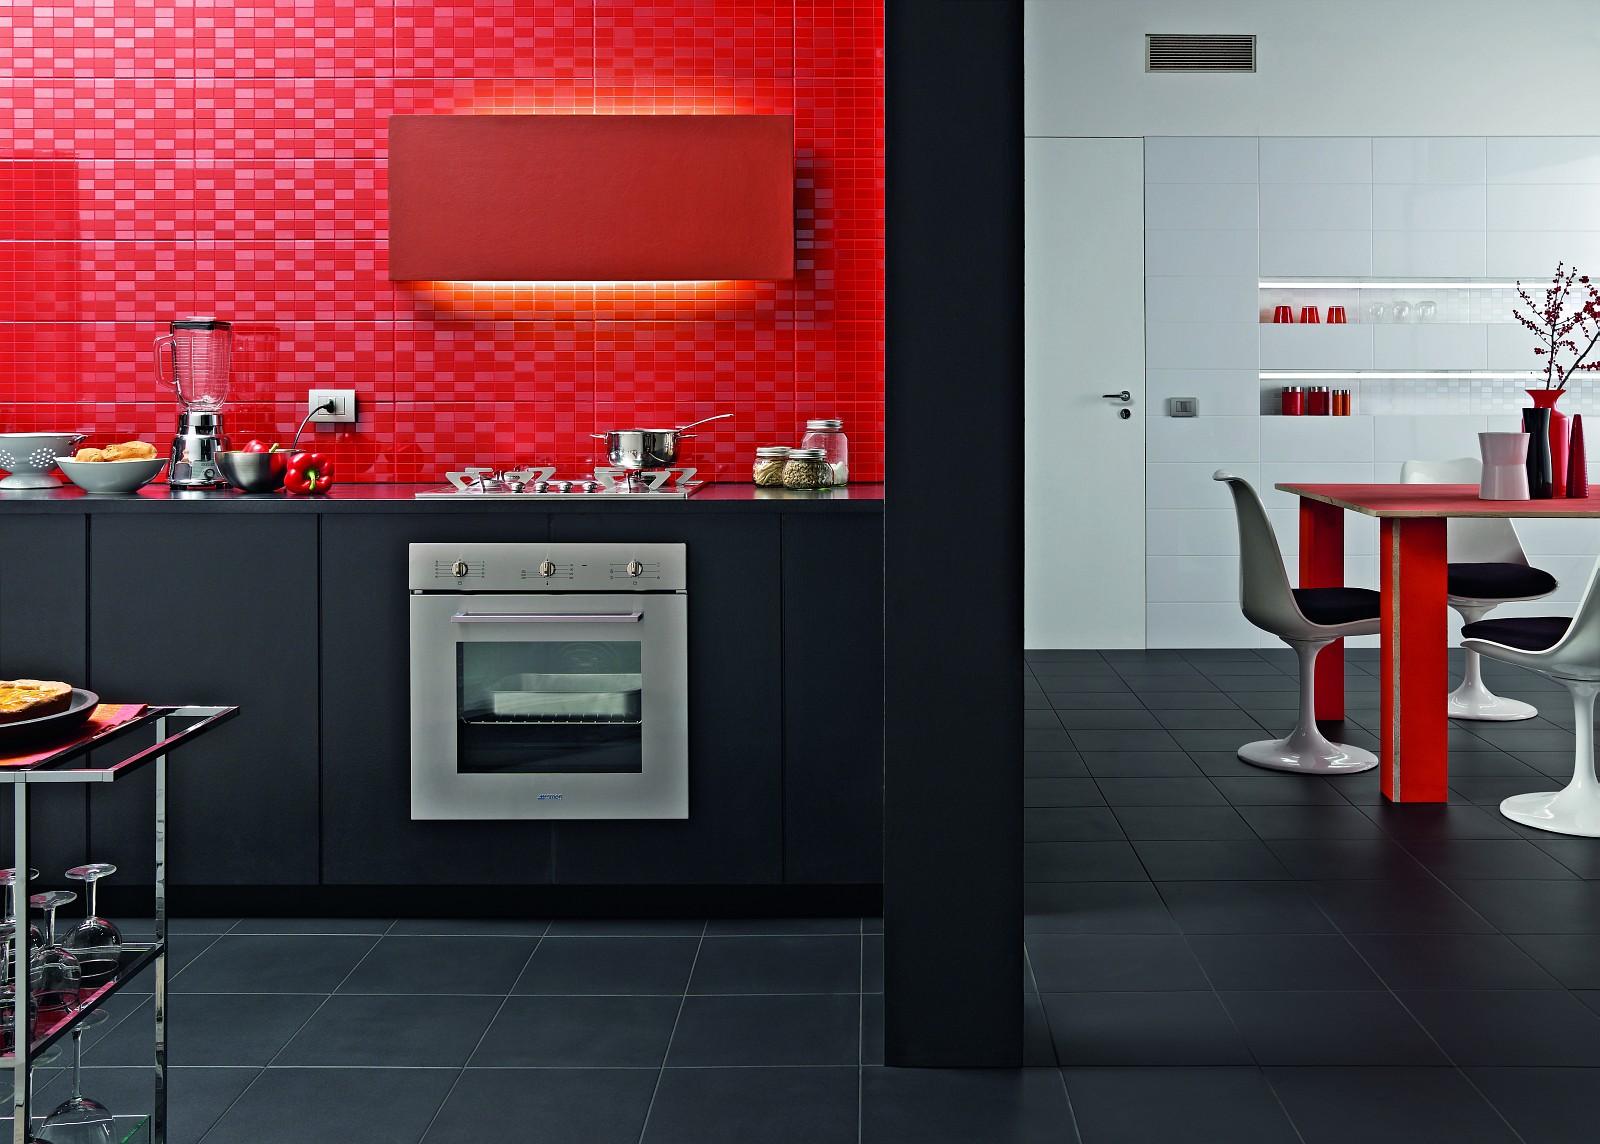 Piastrelle da parete per cucina : piastrelle da rivestimento per ...